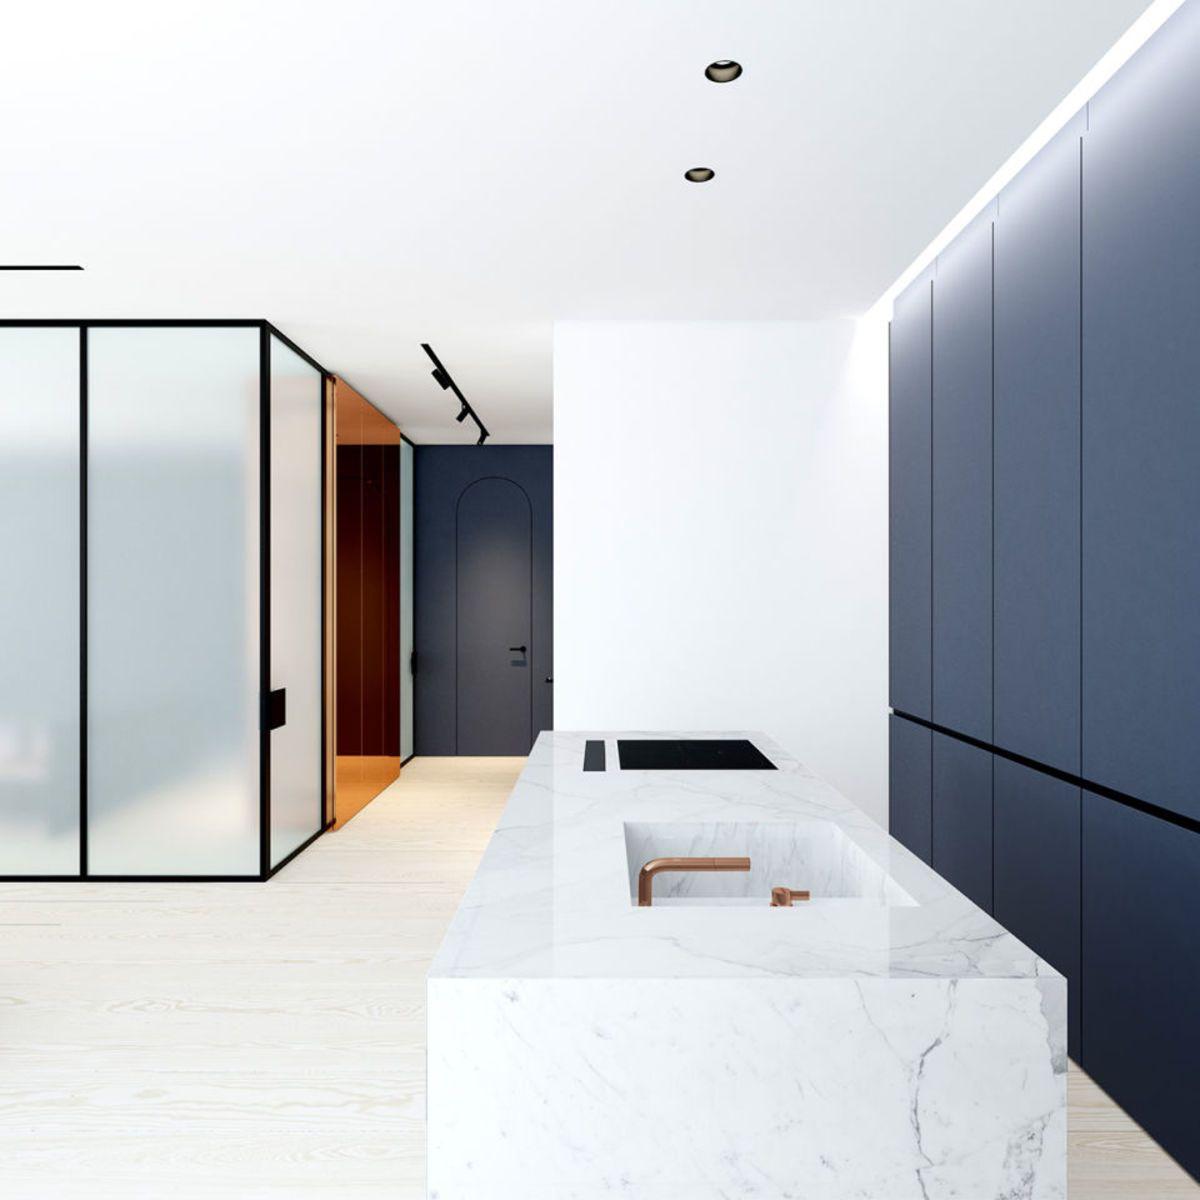 Minimal Interior Design Inspiration | More Interior design ...